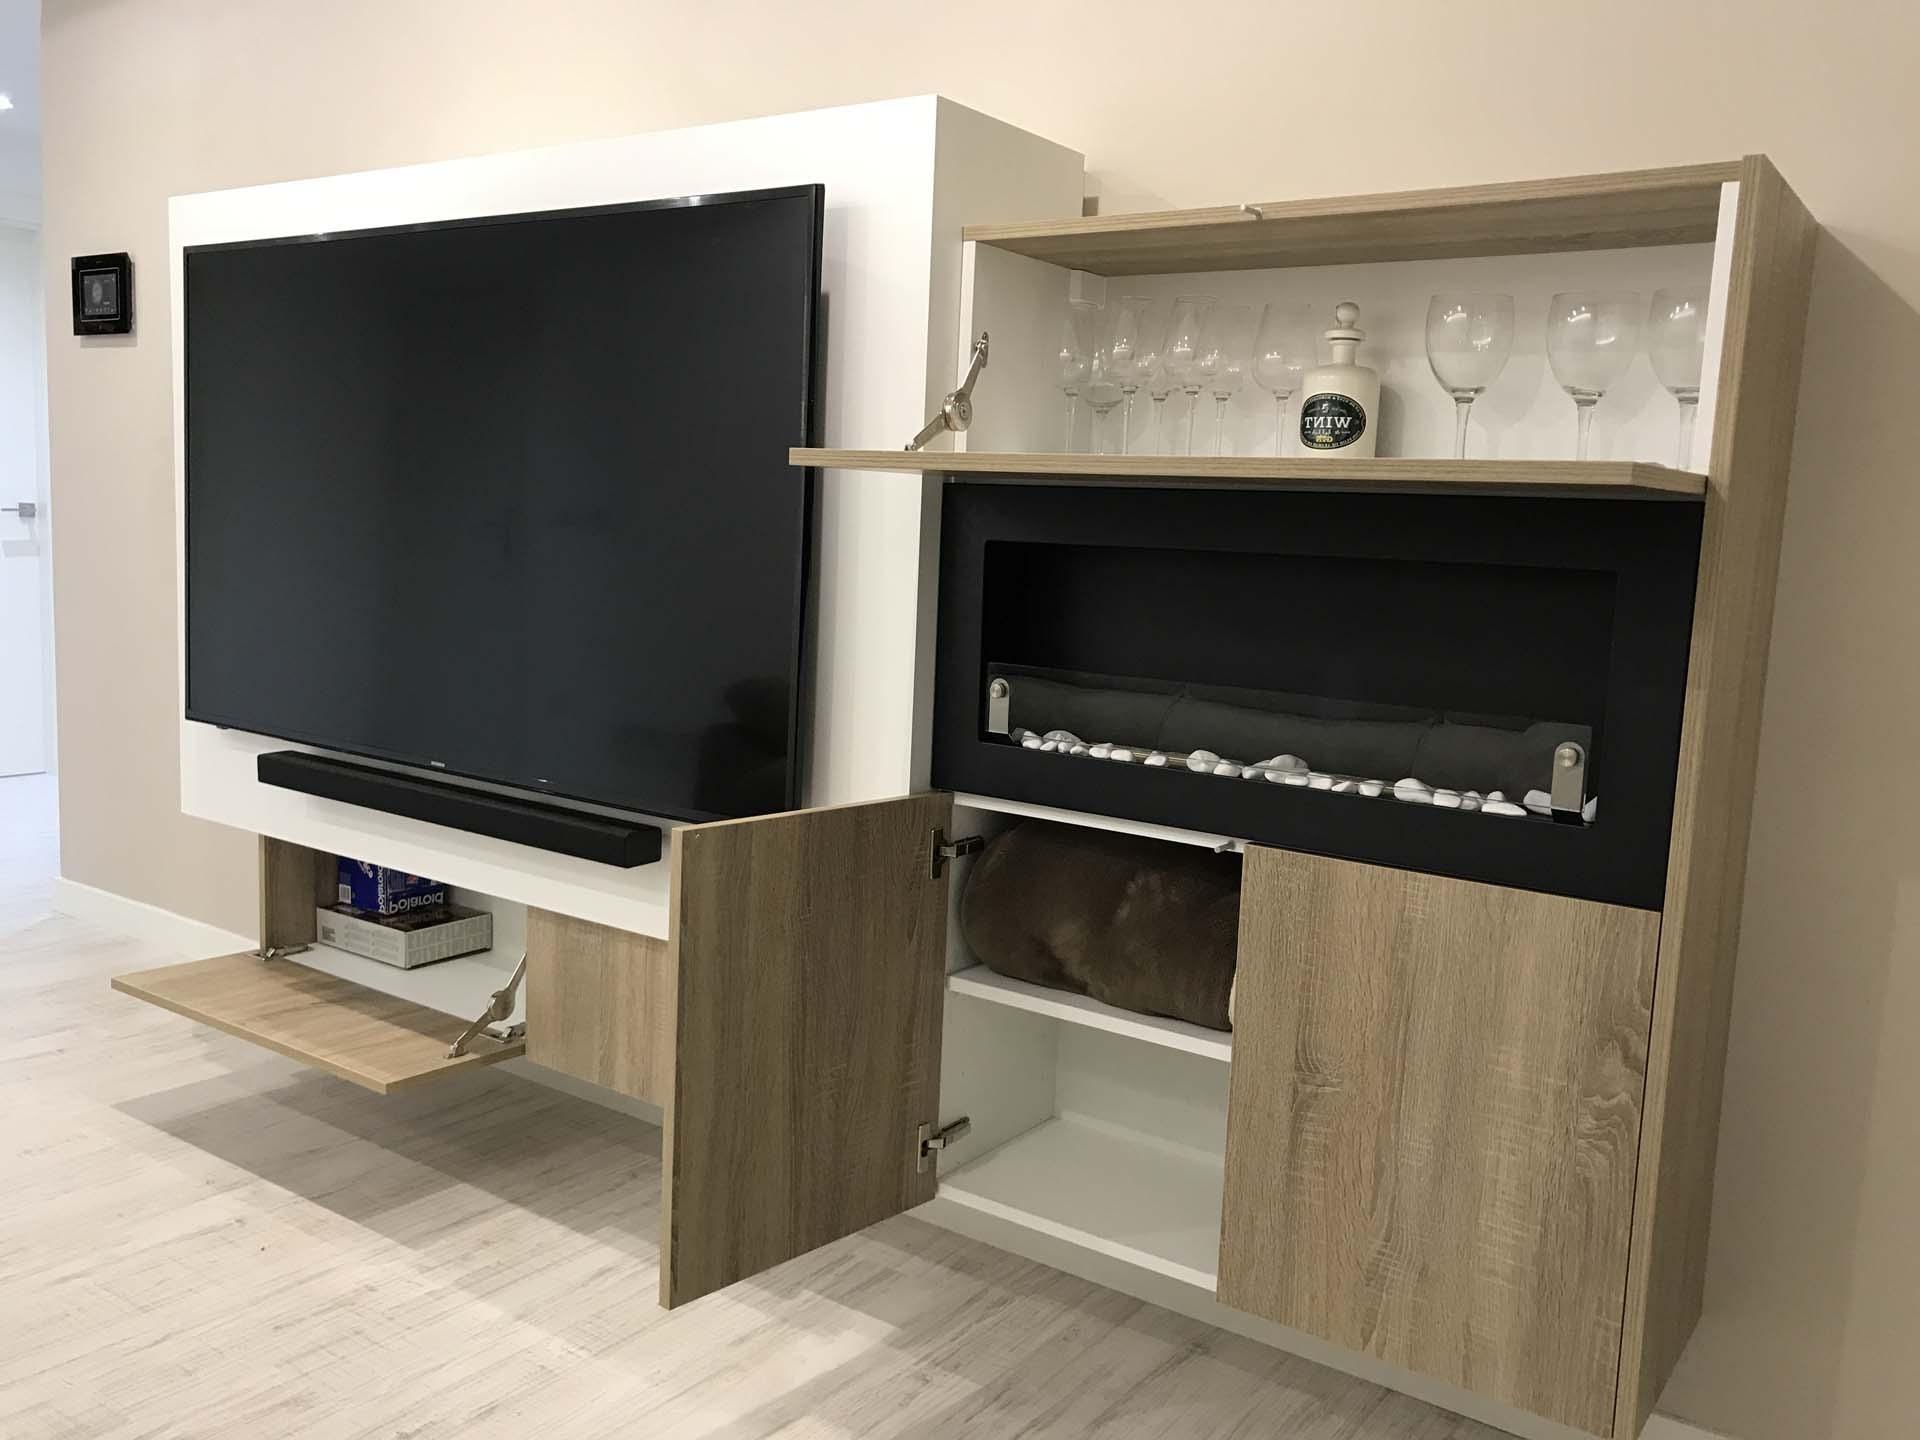 Muebles De Salon Con Chimenea Integrada E6d5 Mueble Salon Con Chimenea Los Mejores 50 Salones De El Mueble